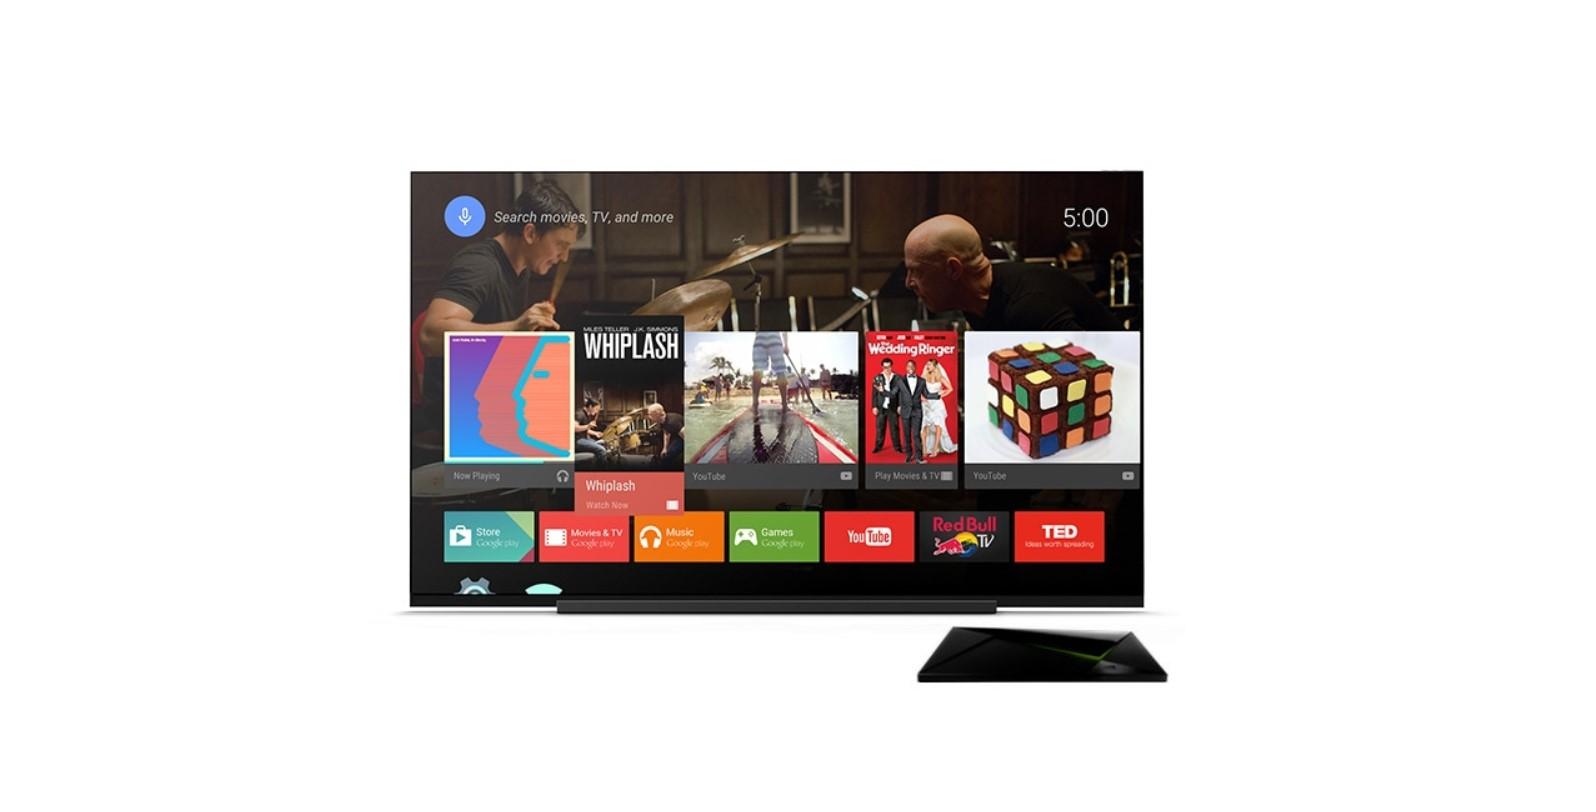 Google chystá novinky a změny kolem Android TV